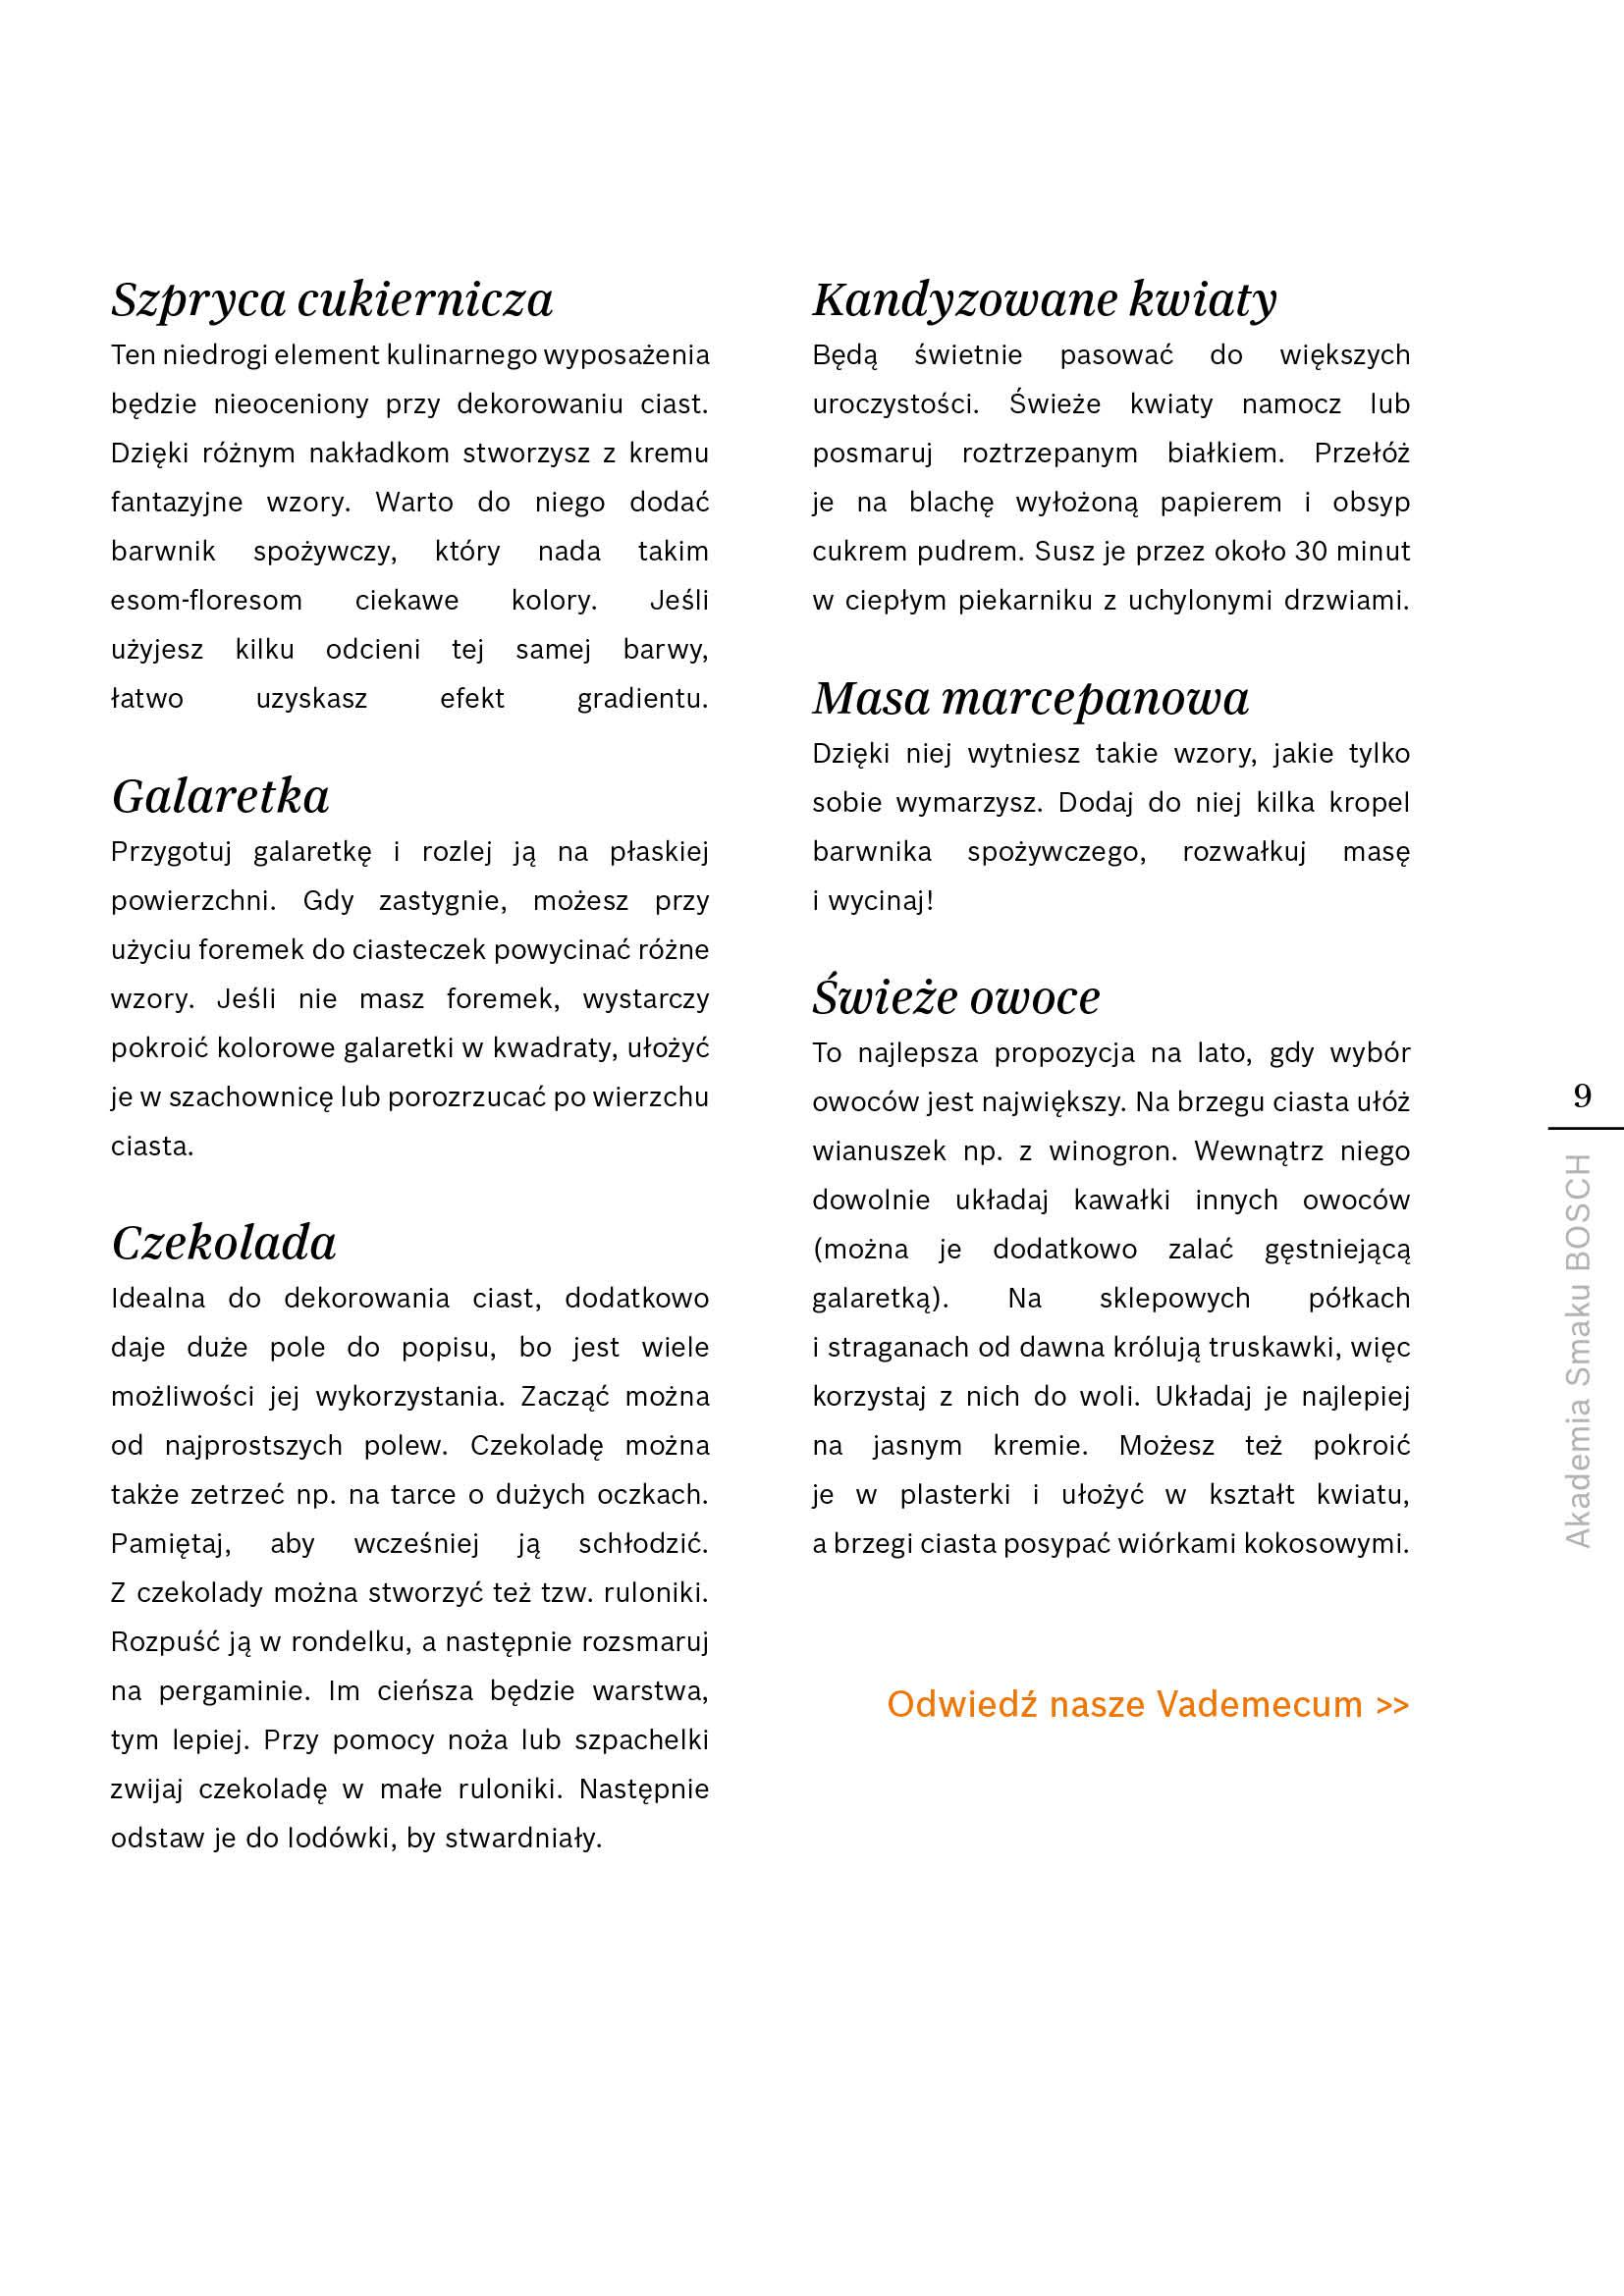 Sama słodycz - Strona 9